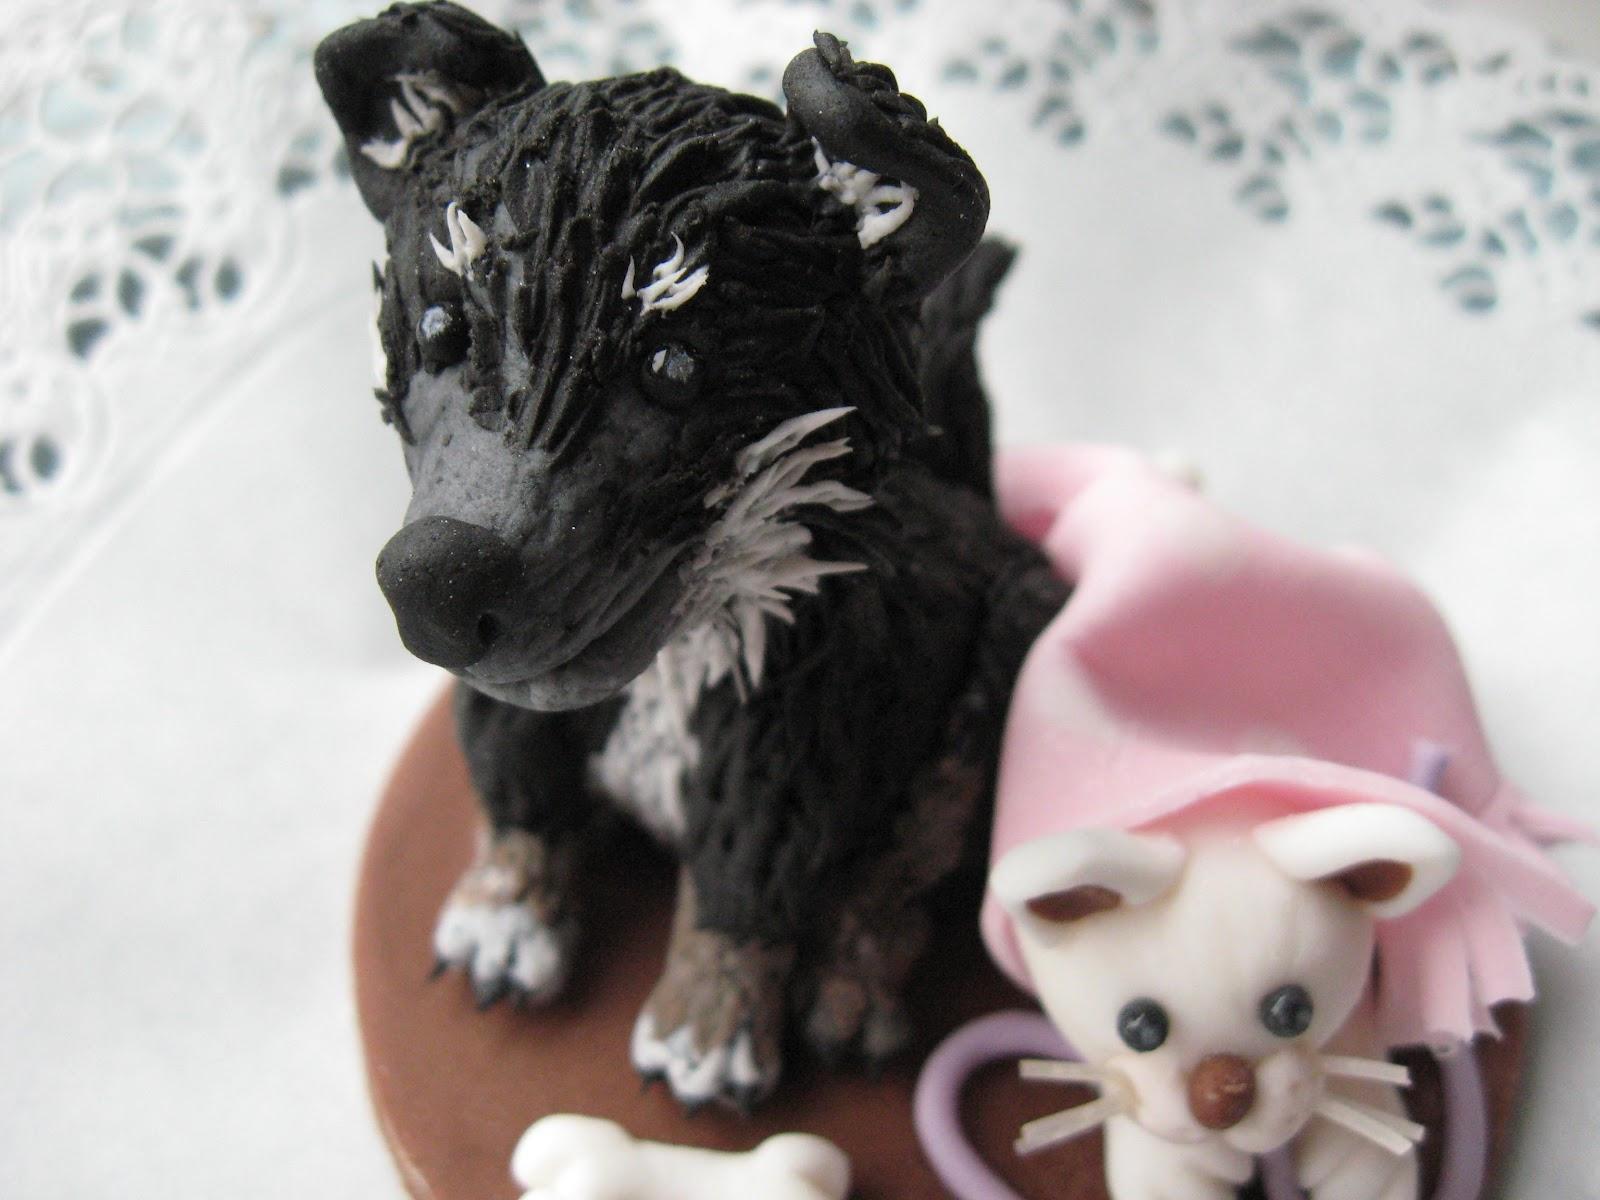 Mansikkamäki: Koira ja kissa